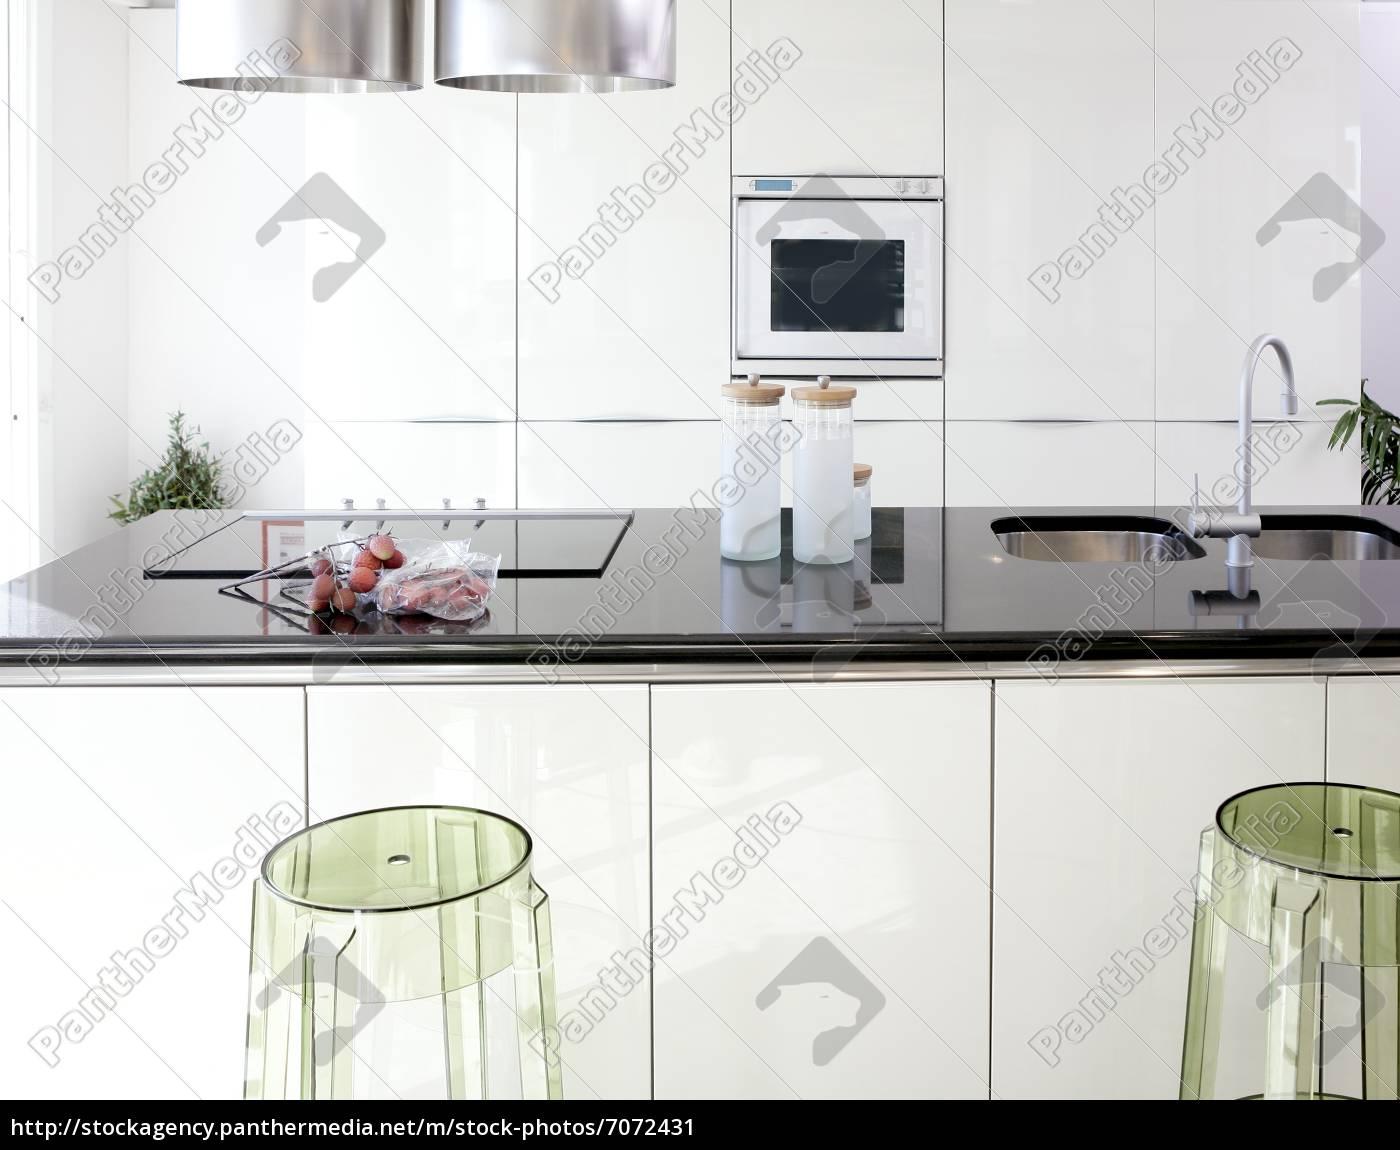 moderne weiße küche saubere innenarchitektur - Stockfoto - #7072431 ...